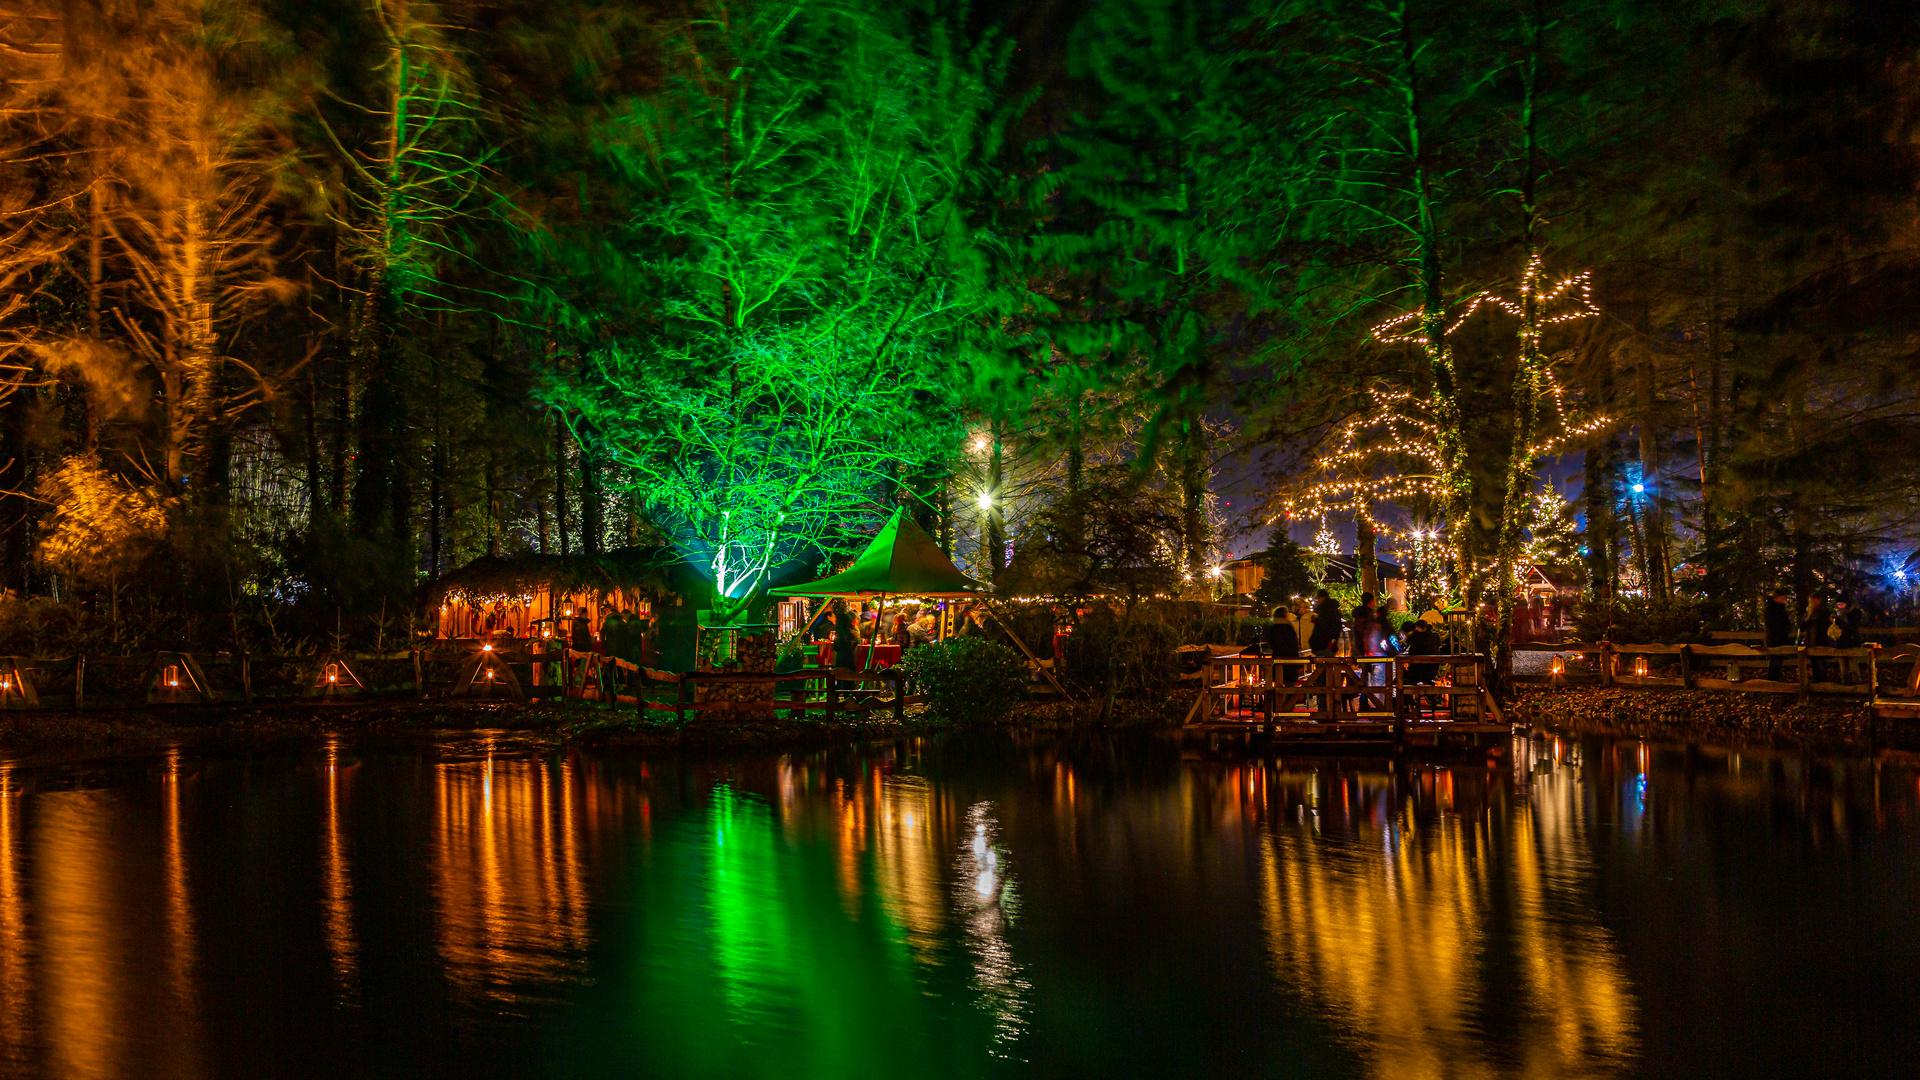 Weihnachtsmarkt Borken-Marbeck 2019